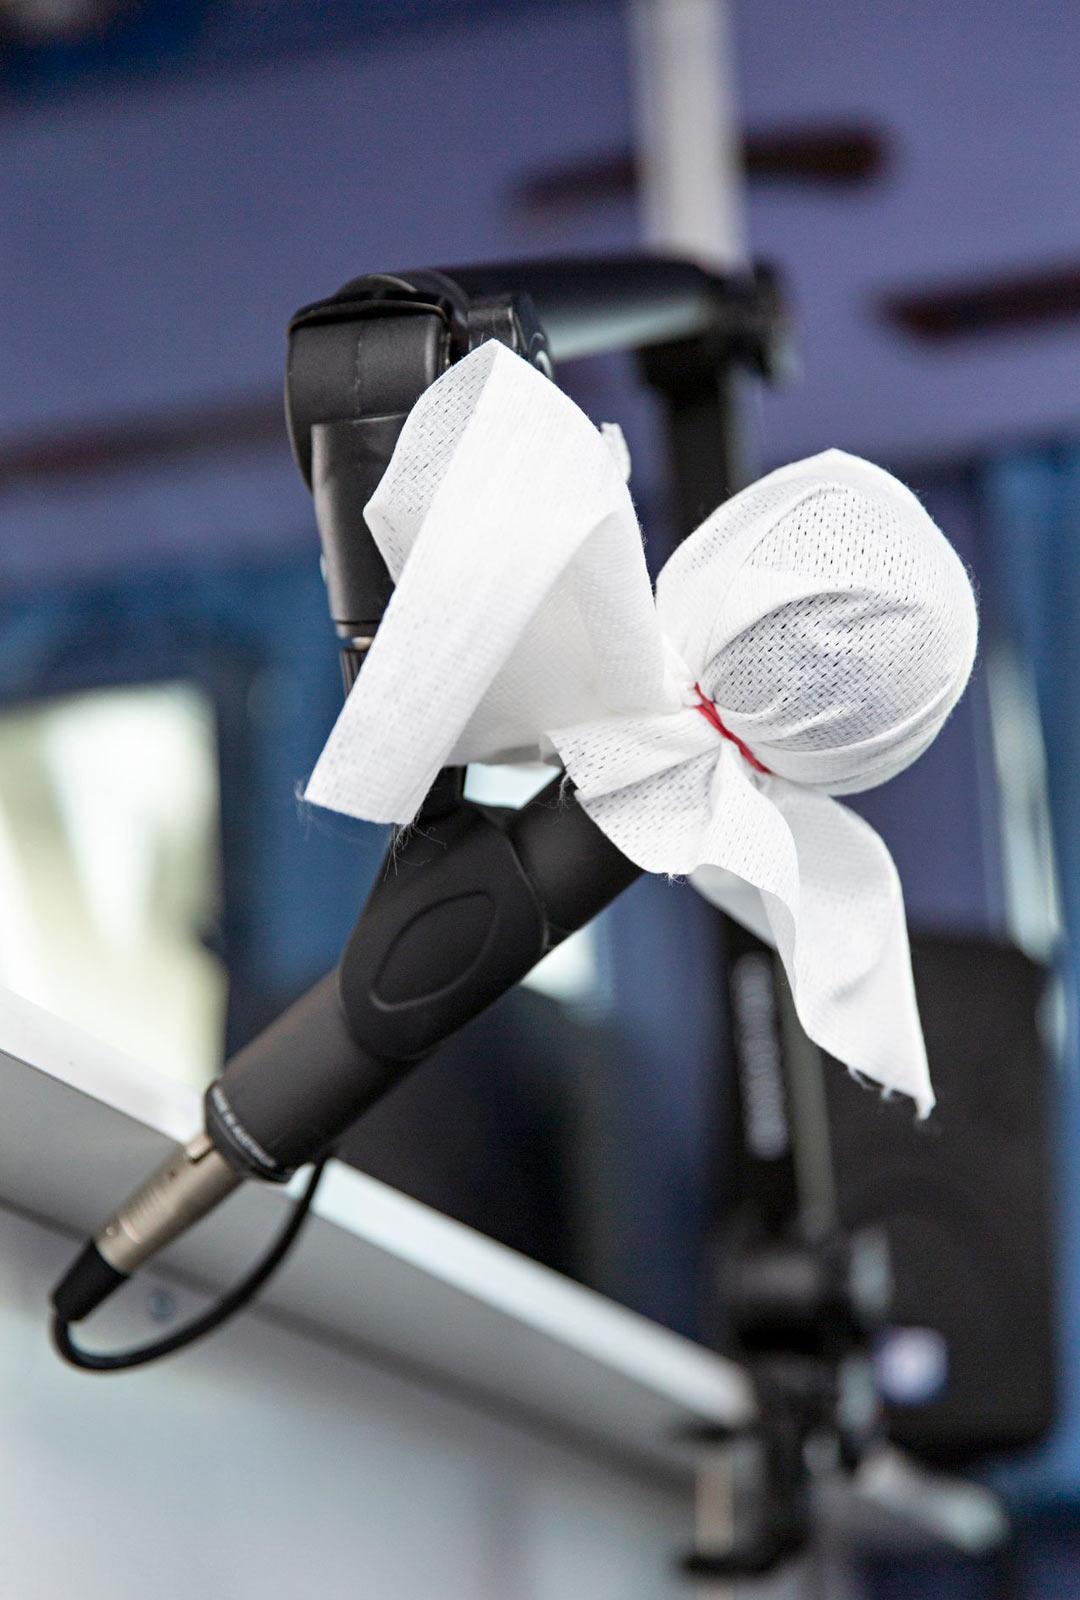 Mikrofoni ja istuimet on suojattu bussissa paperilla, jotka vaihdetaan jokaisen kohtaamisen välissä.